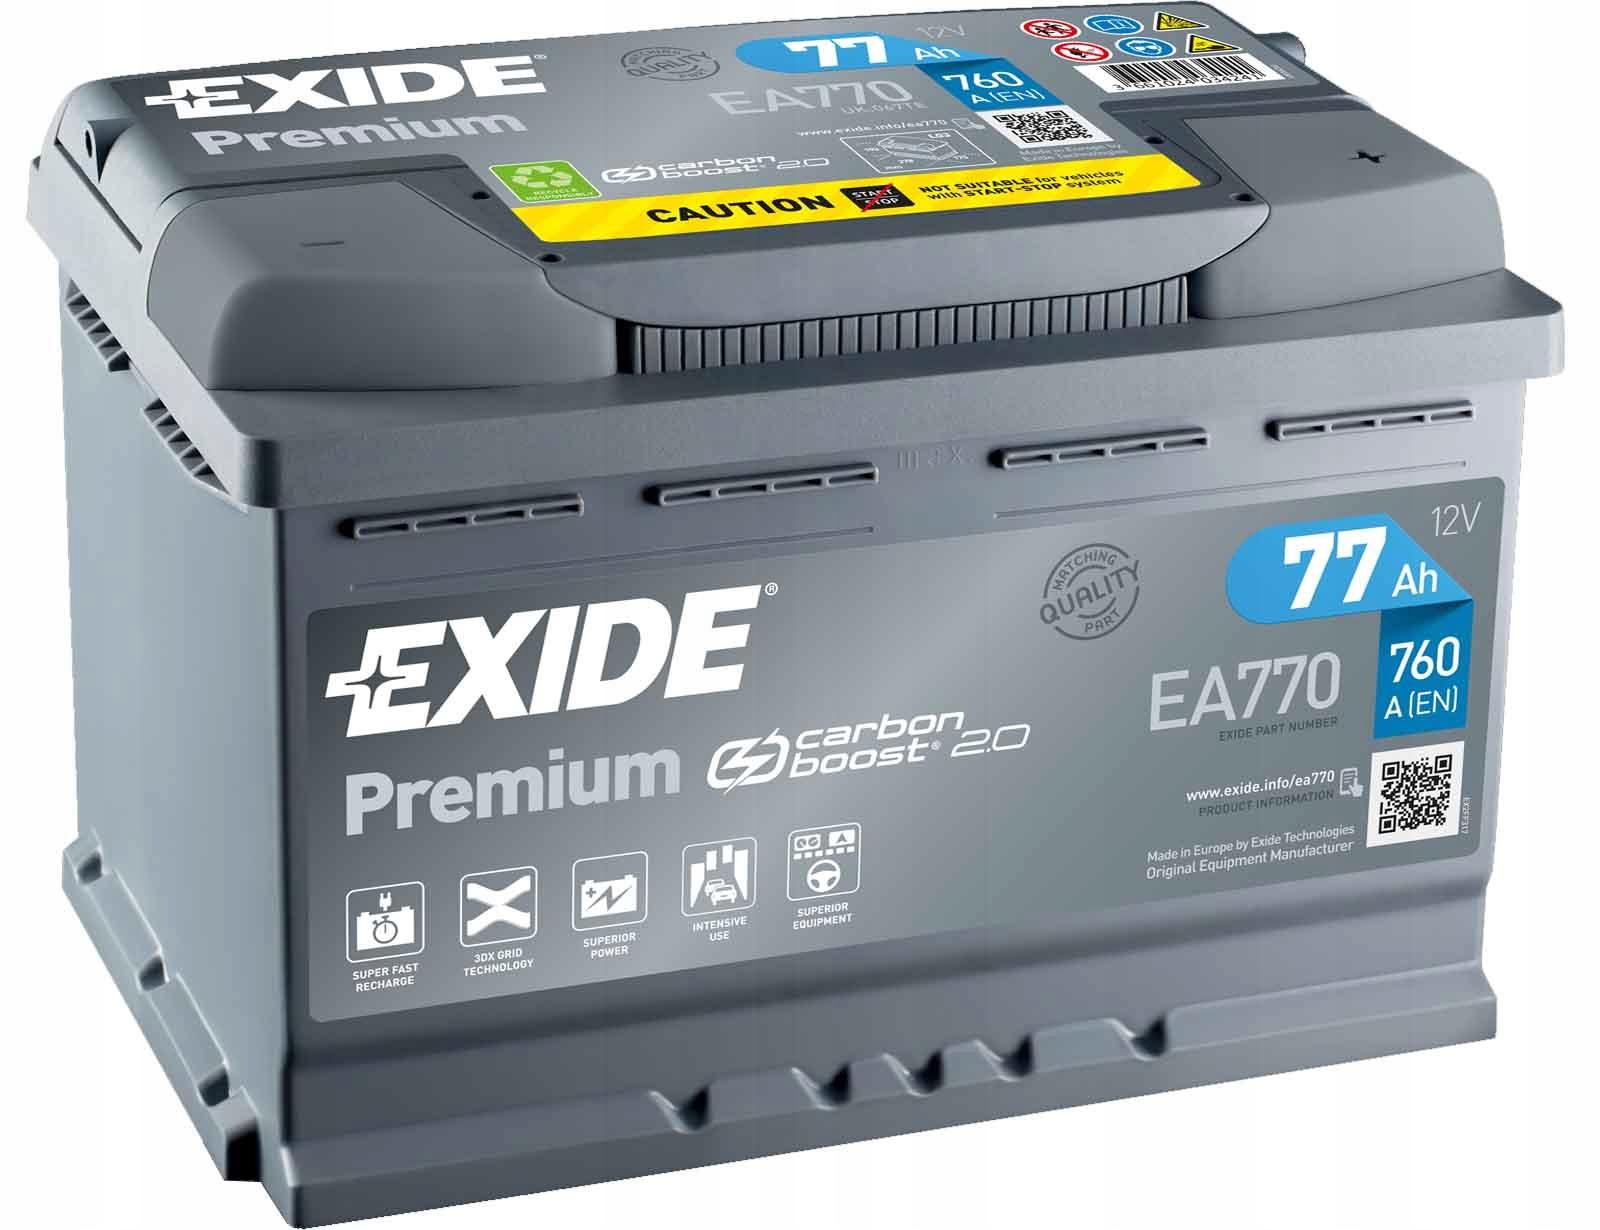 аккумулятор exide премиум 77ah 760a новый модель 20